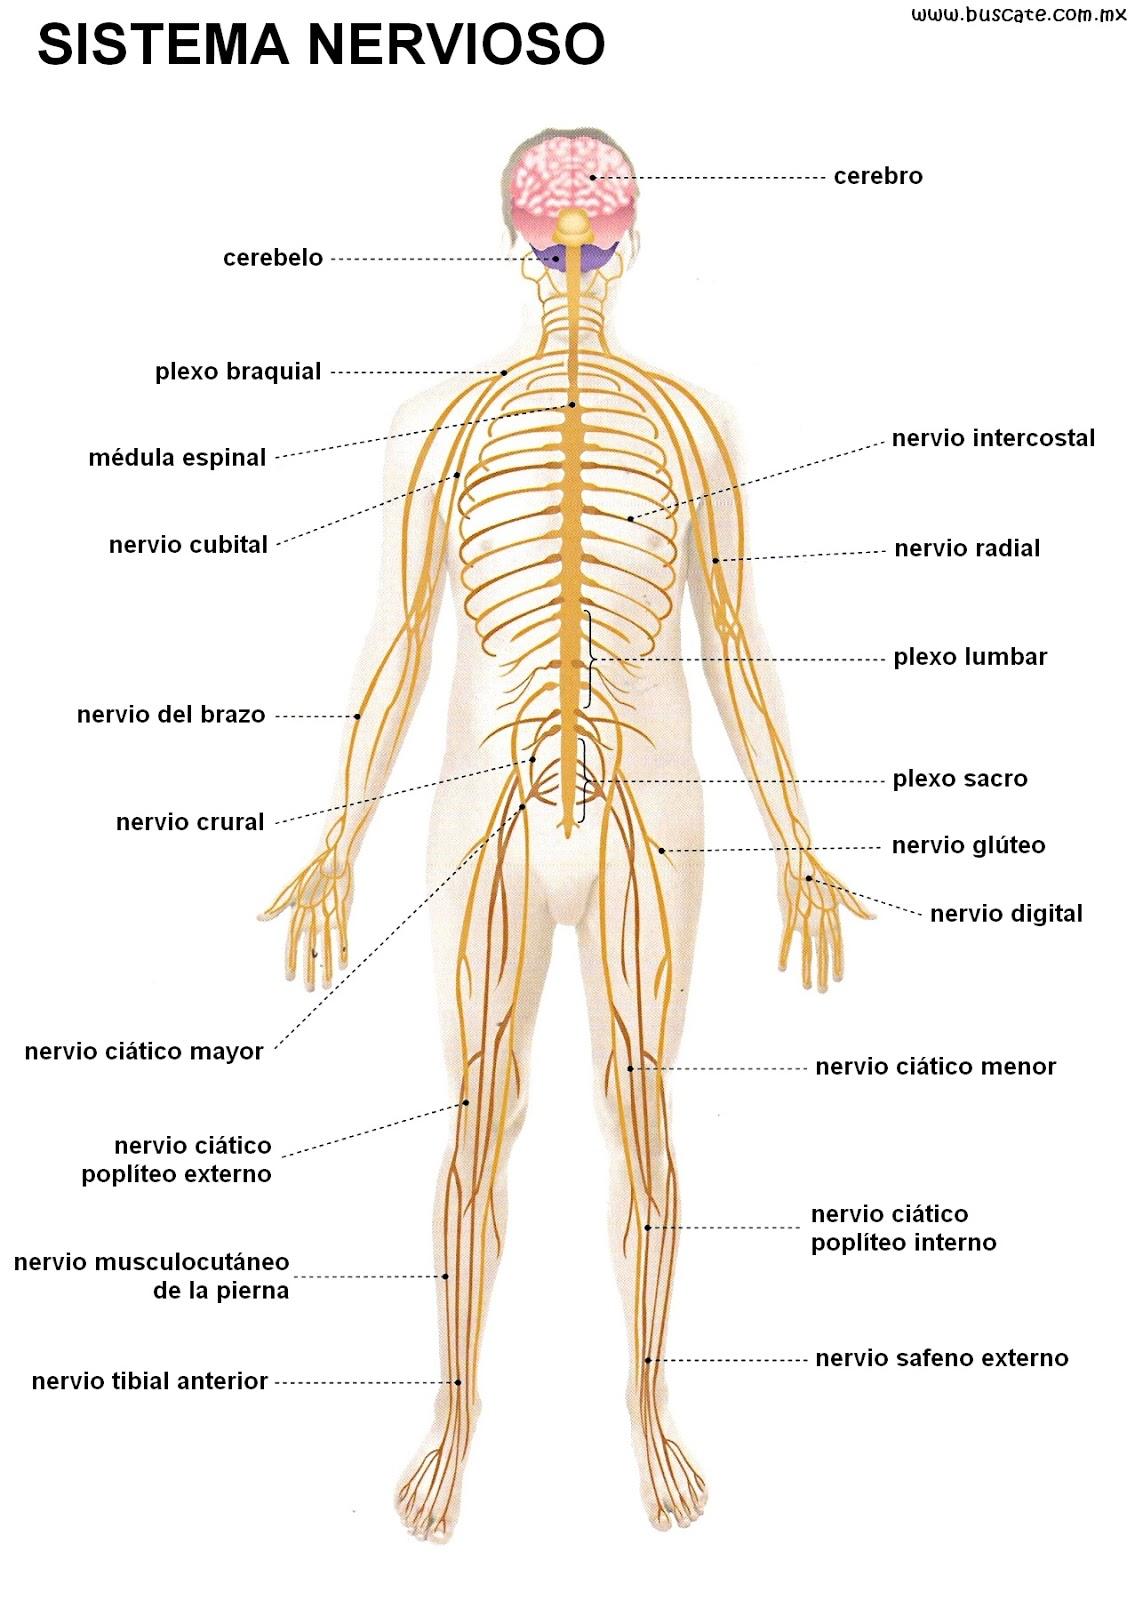 El cuerpo humano (Example) - MindMeister